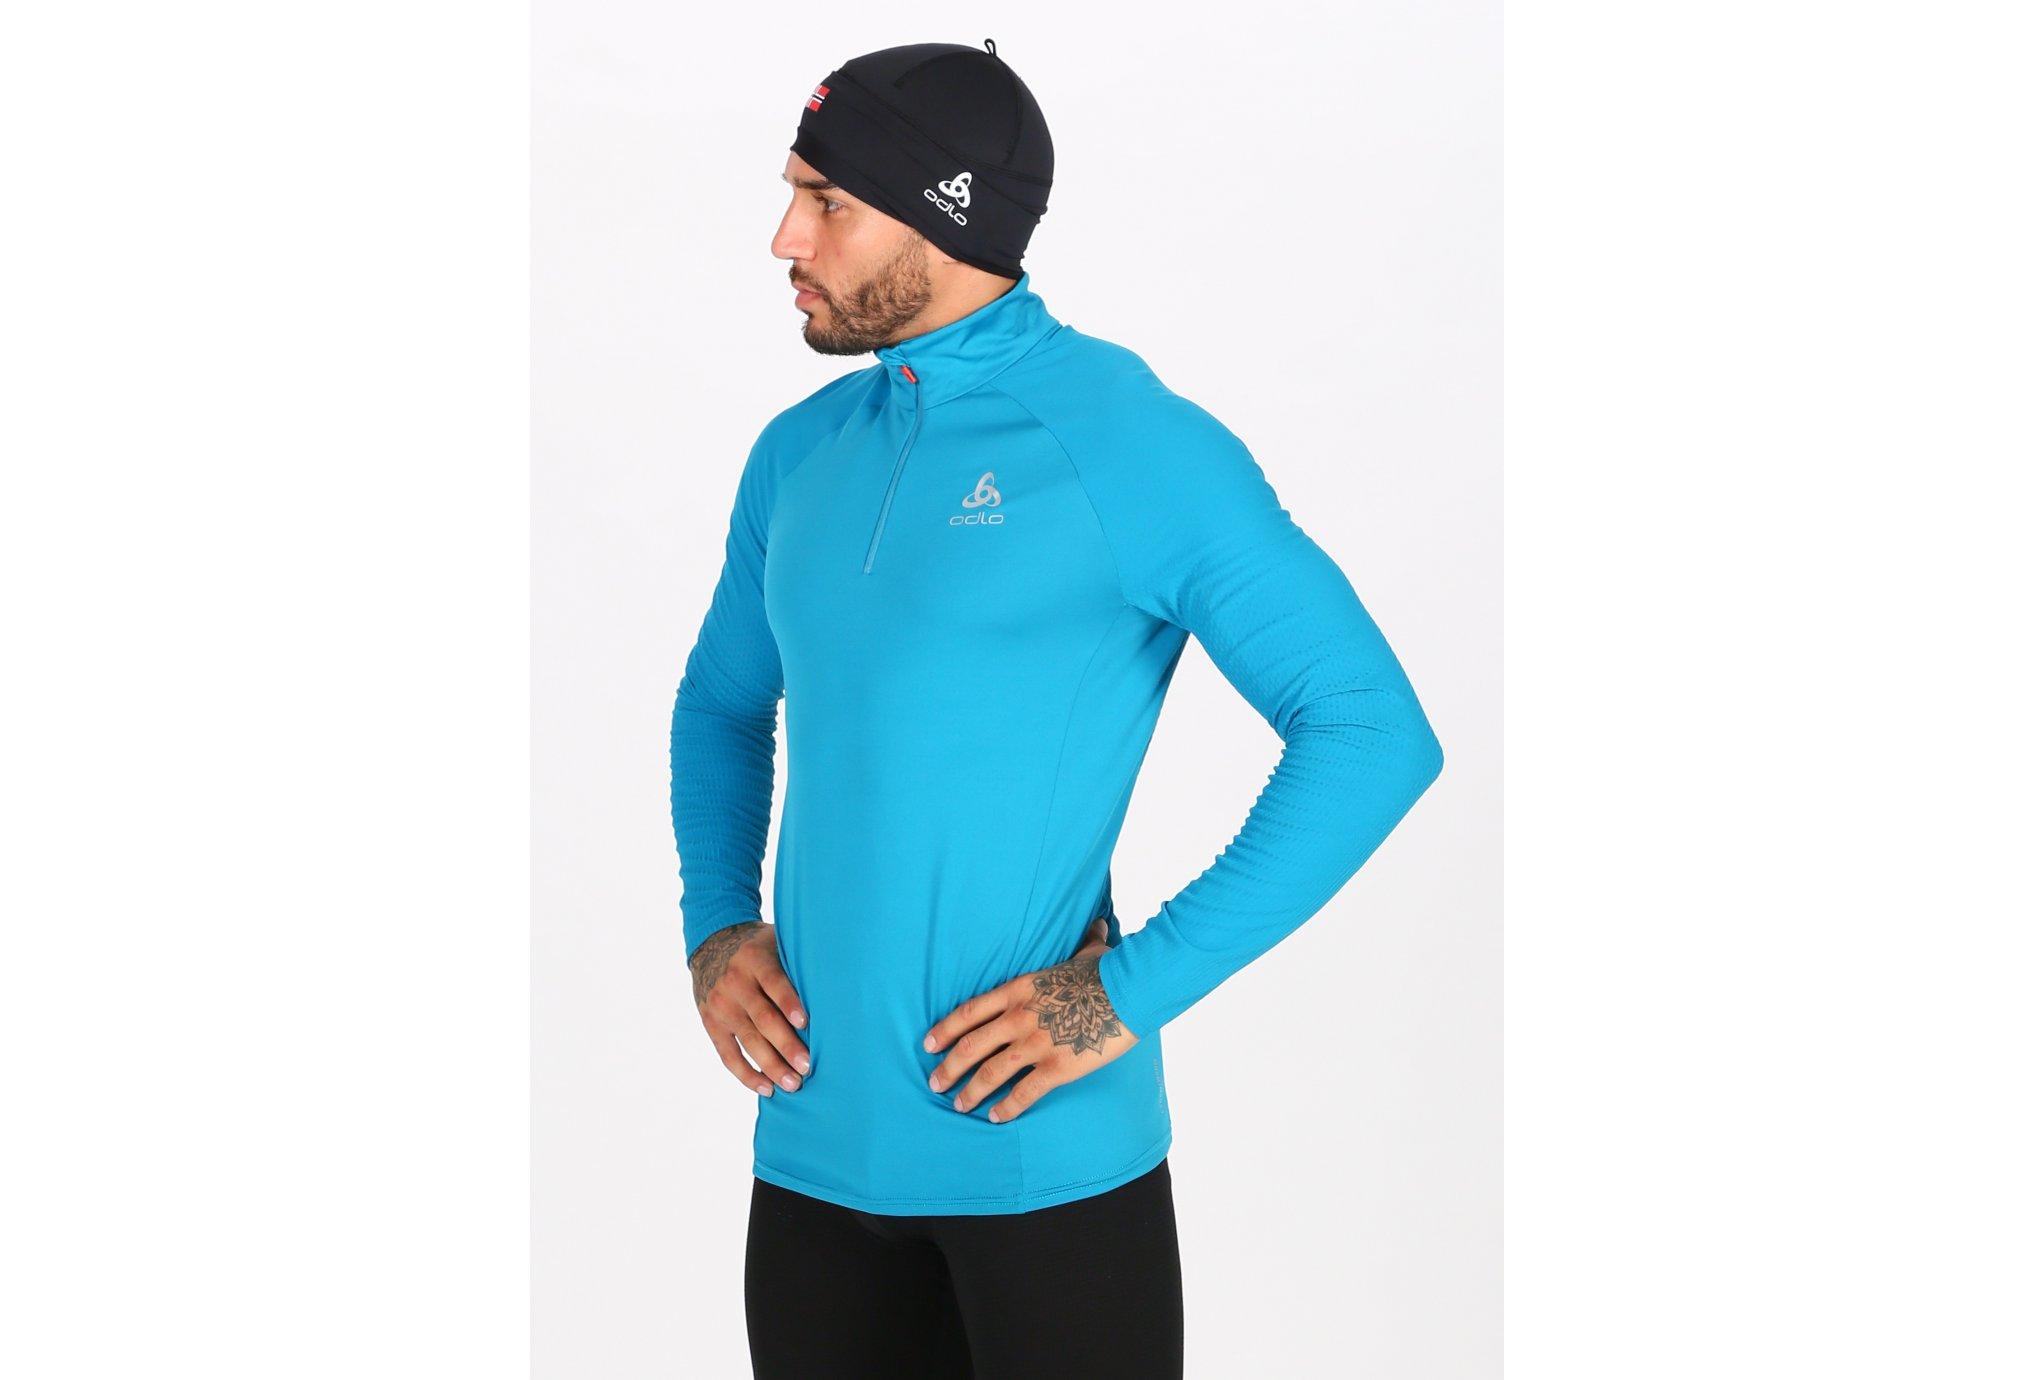 Odlo Zeroweight Ceramiwarm 1/2 zip M Diététique Vêtements homme